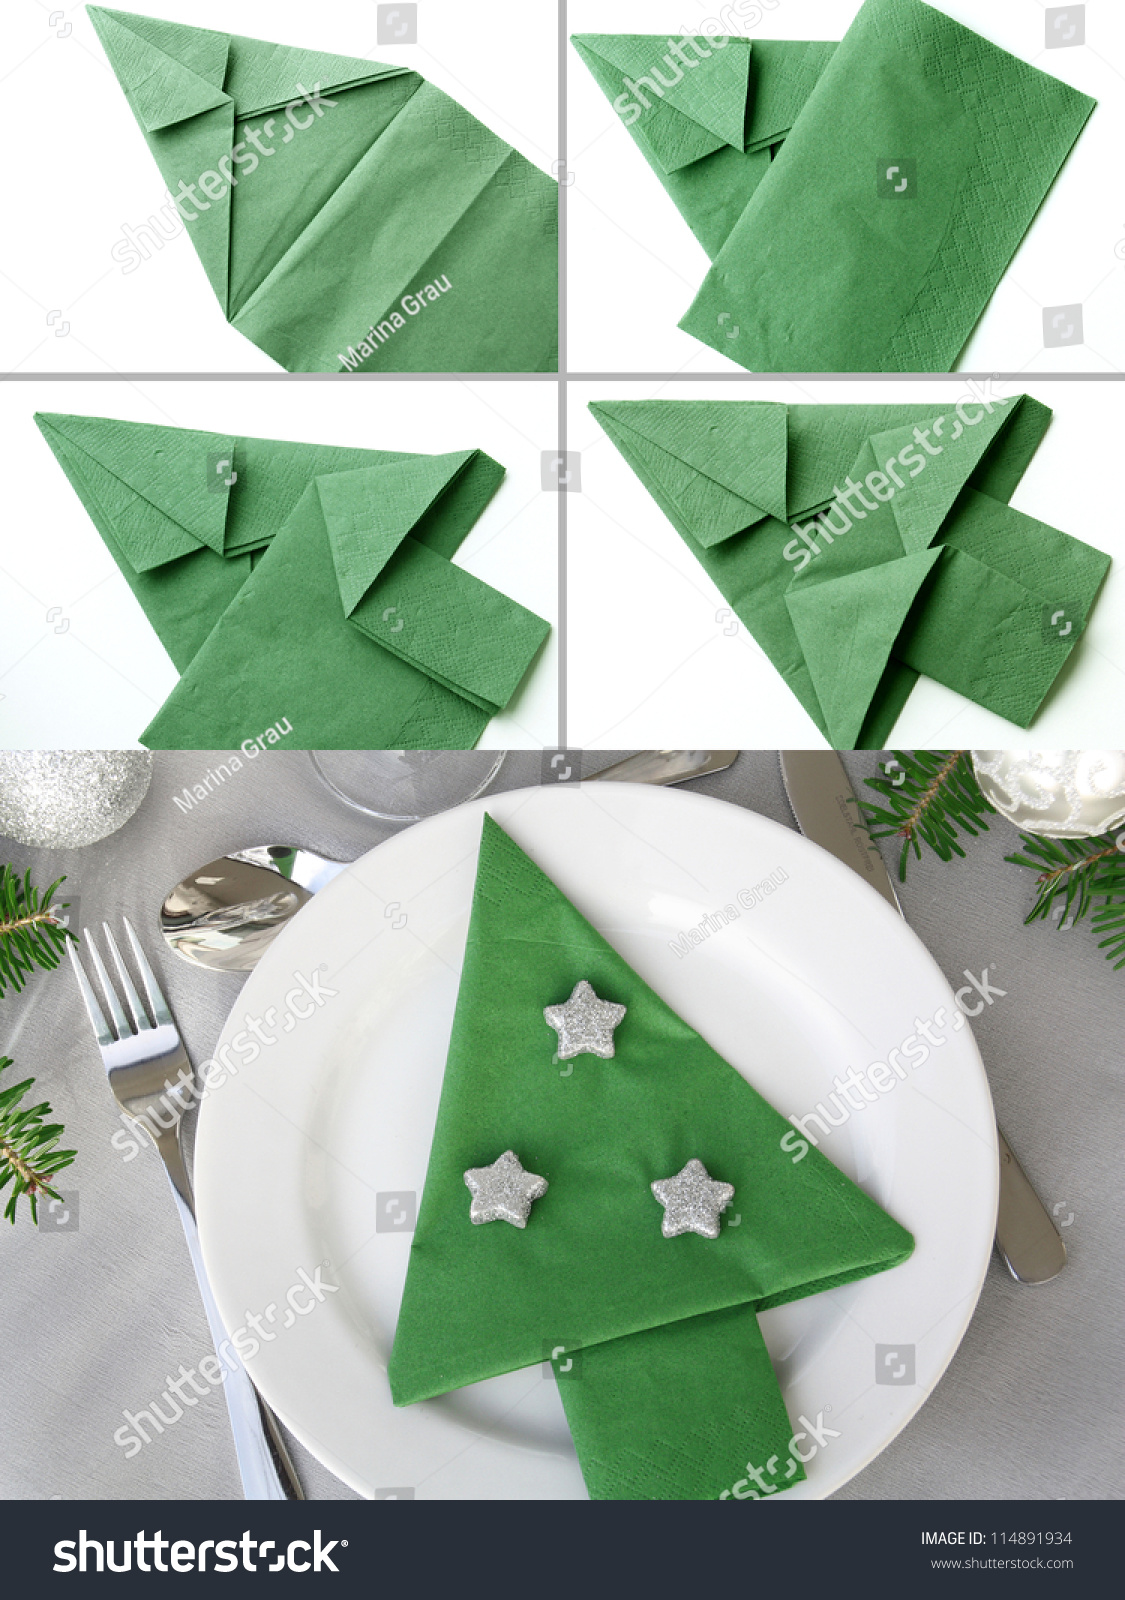 Как сделать елочку из салфеток бумажных салфеток